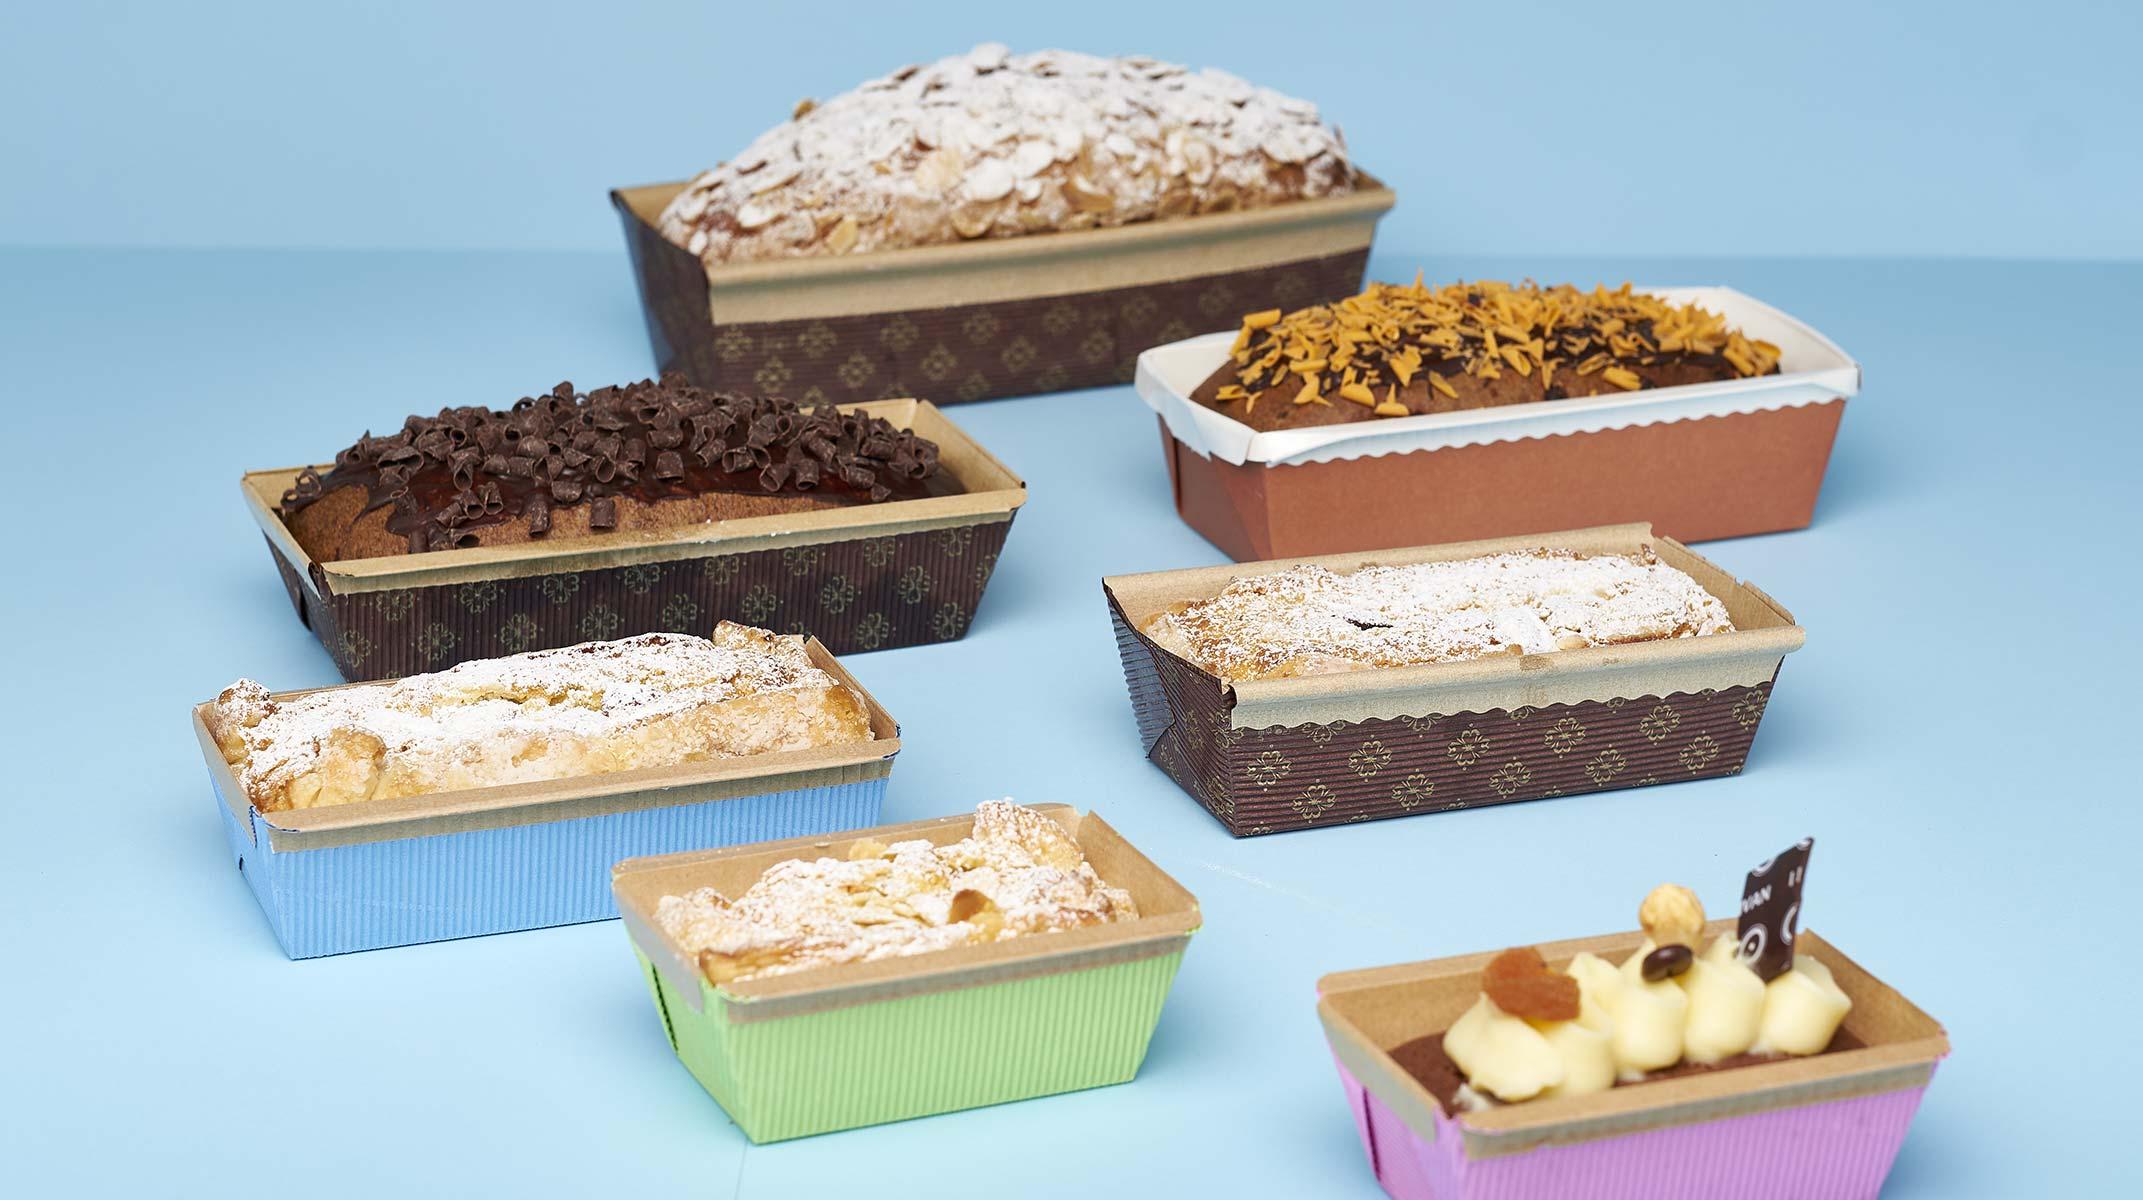 Techno Papier plum cake molds